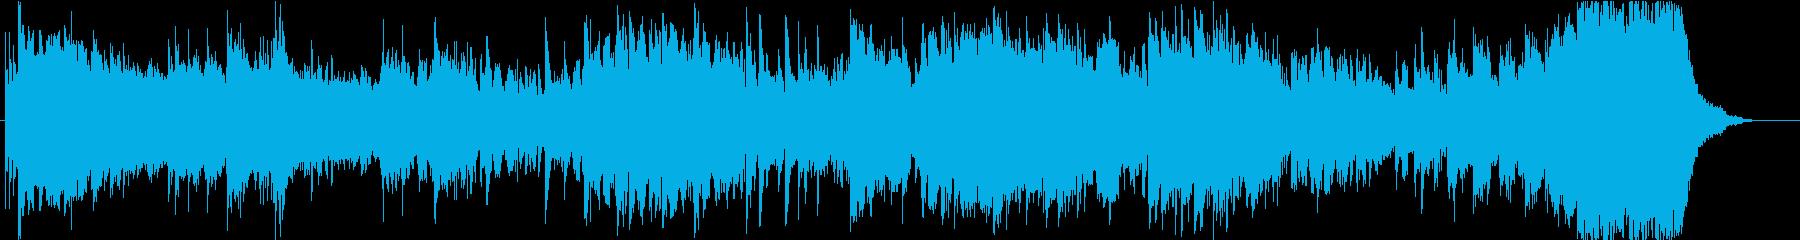 サスペンス用 短いBGMの再生済みの波形